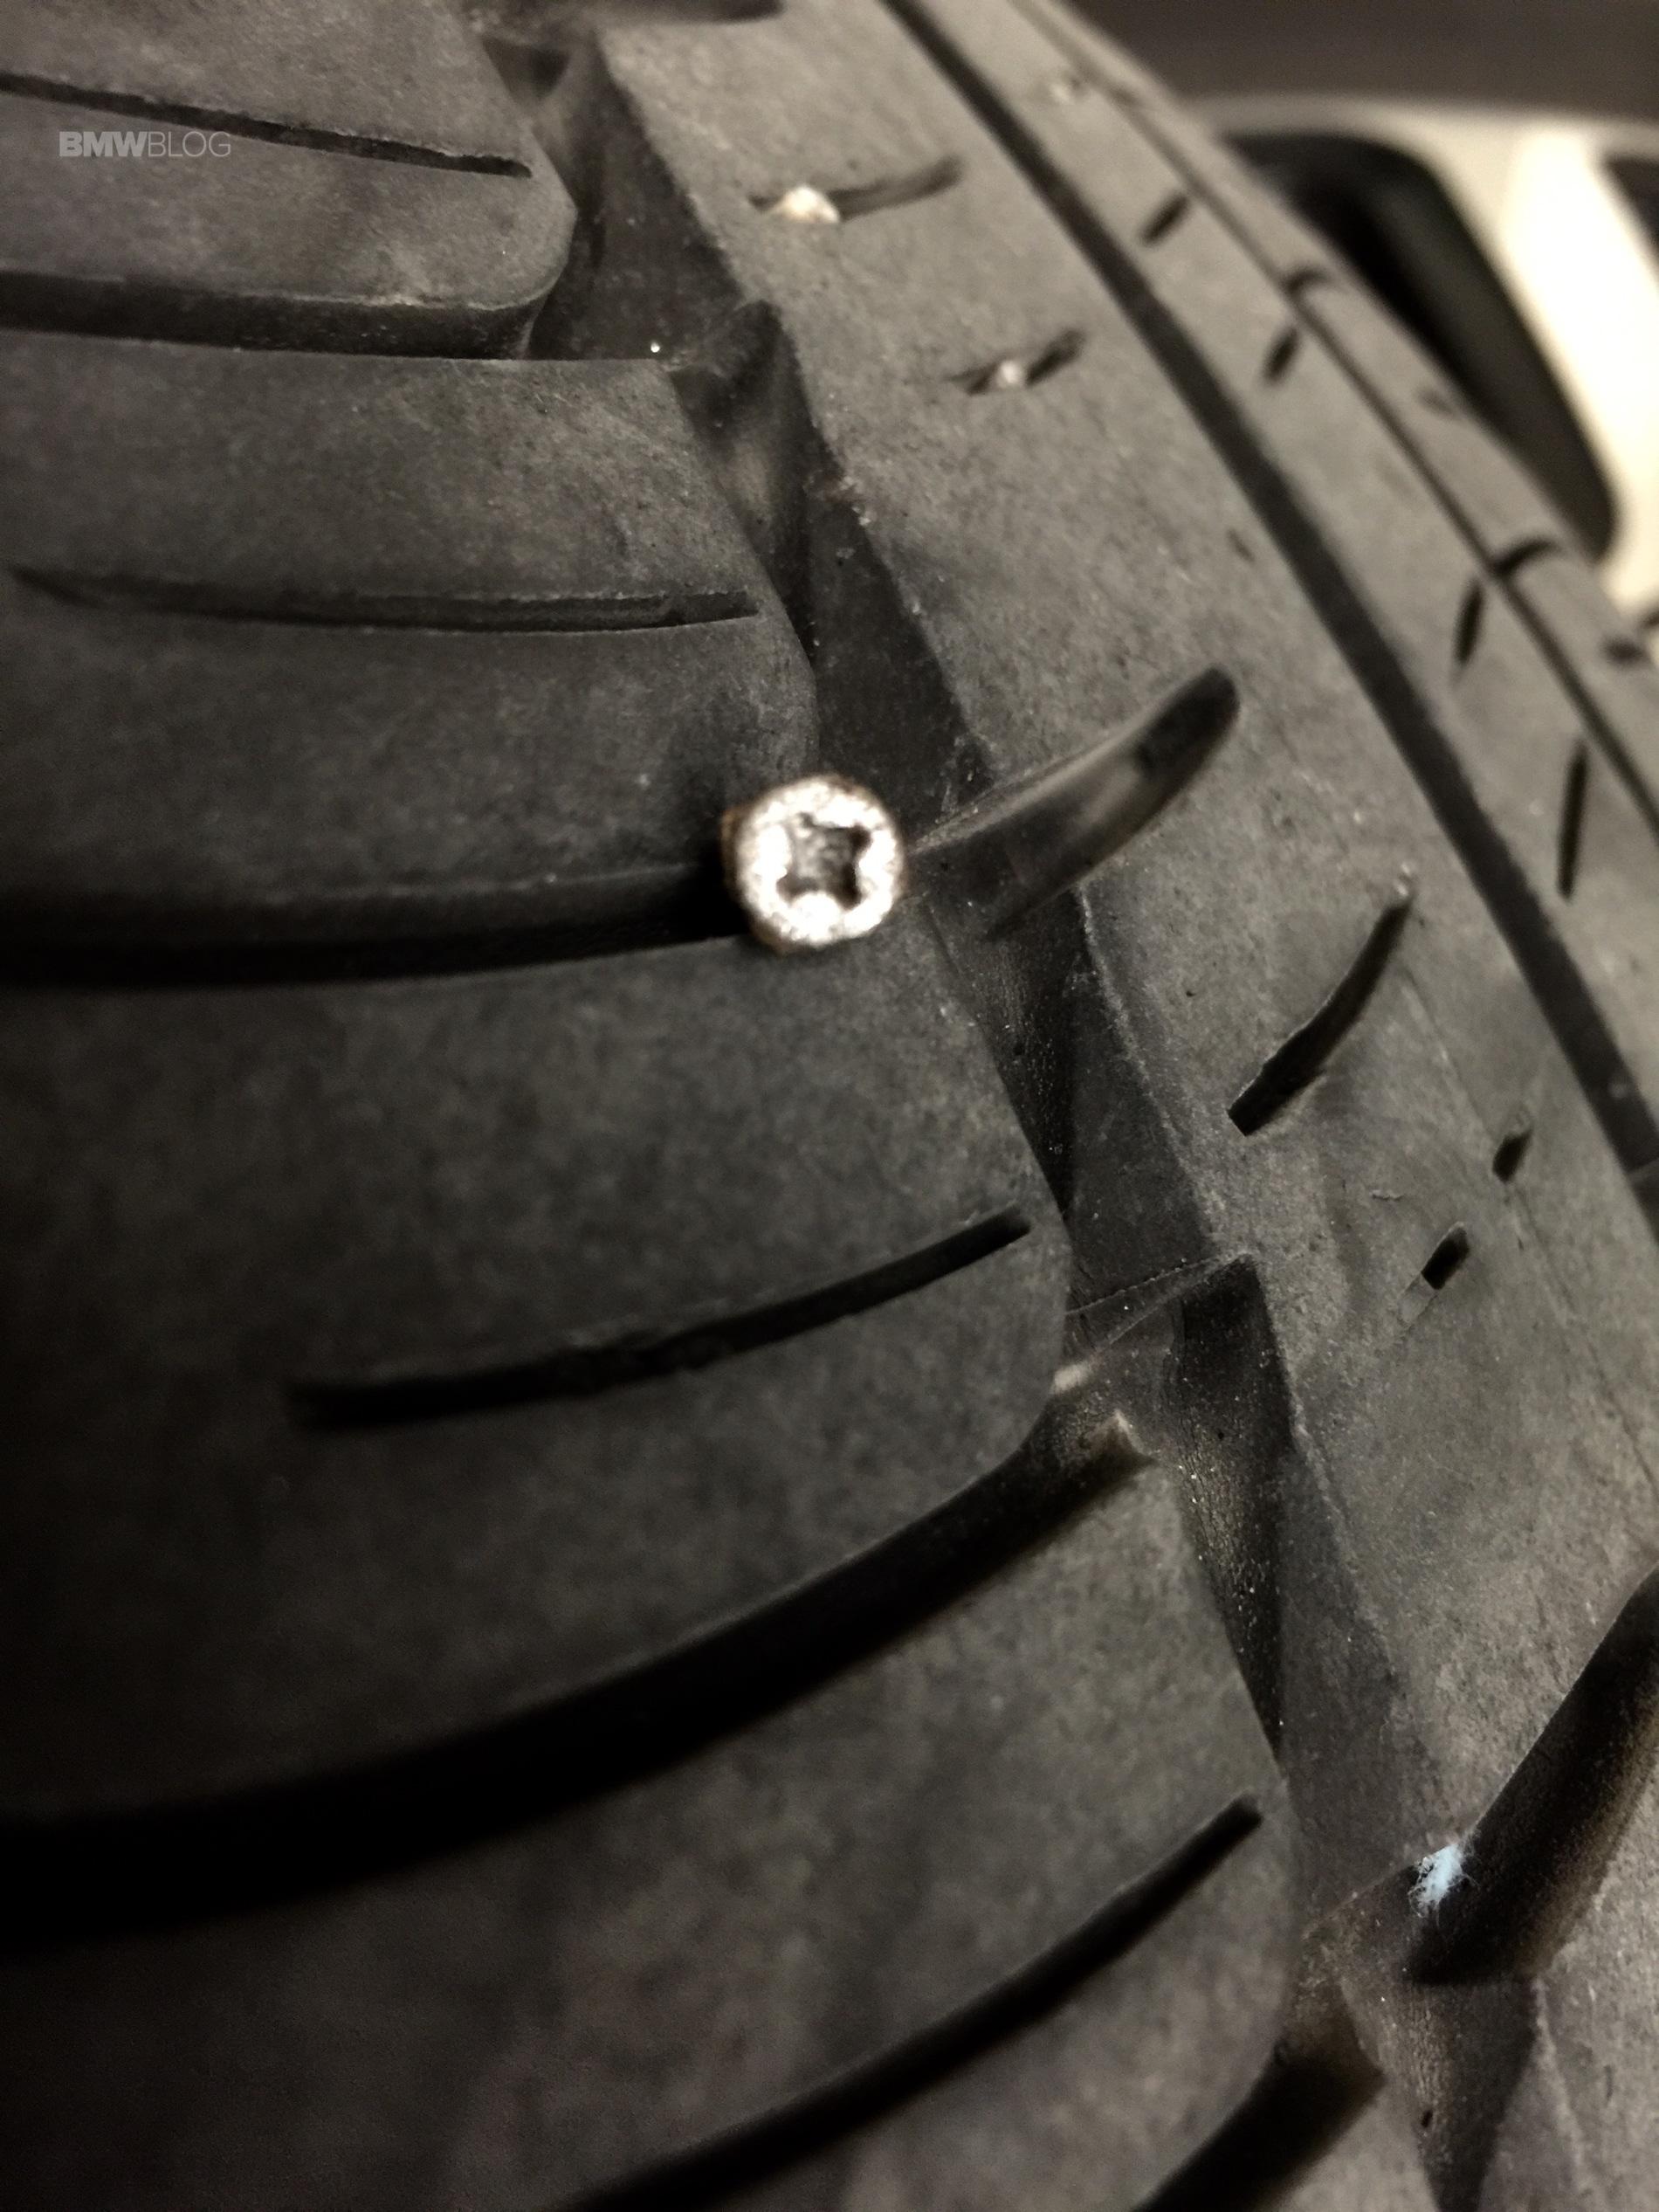 Fix Tire Nail